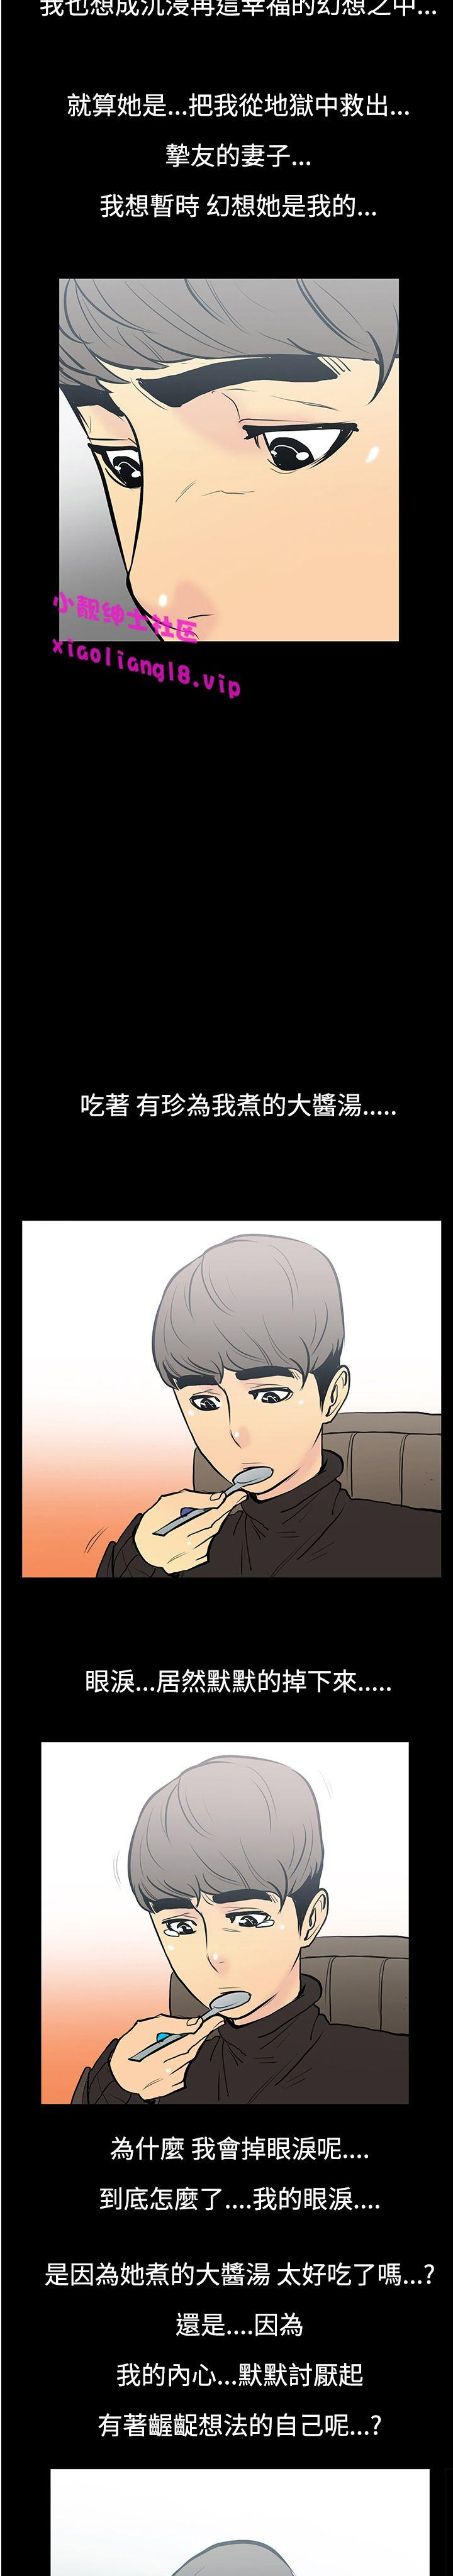 中文韩漫 無法停止的甜蜜關係 Ch.0-12 86